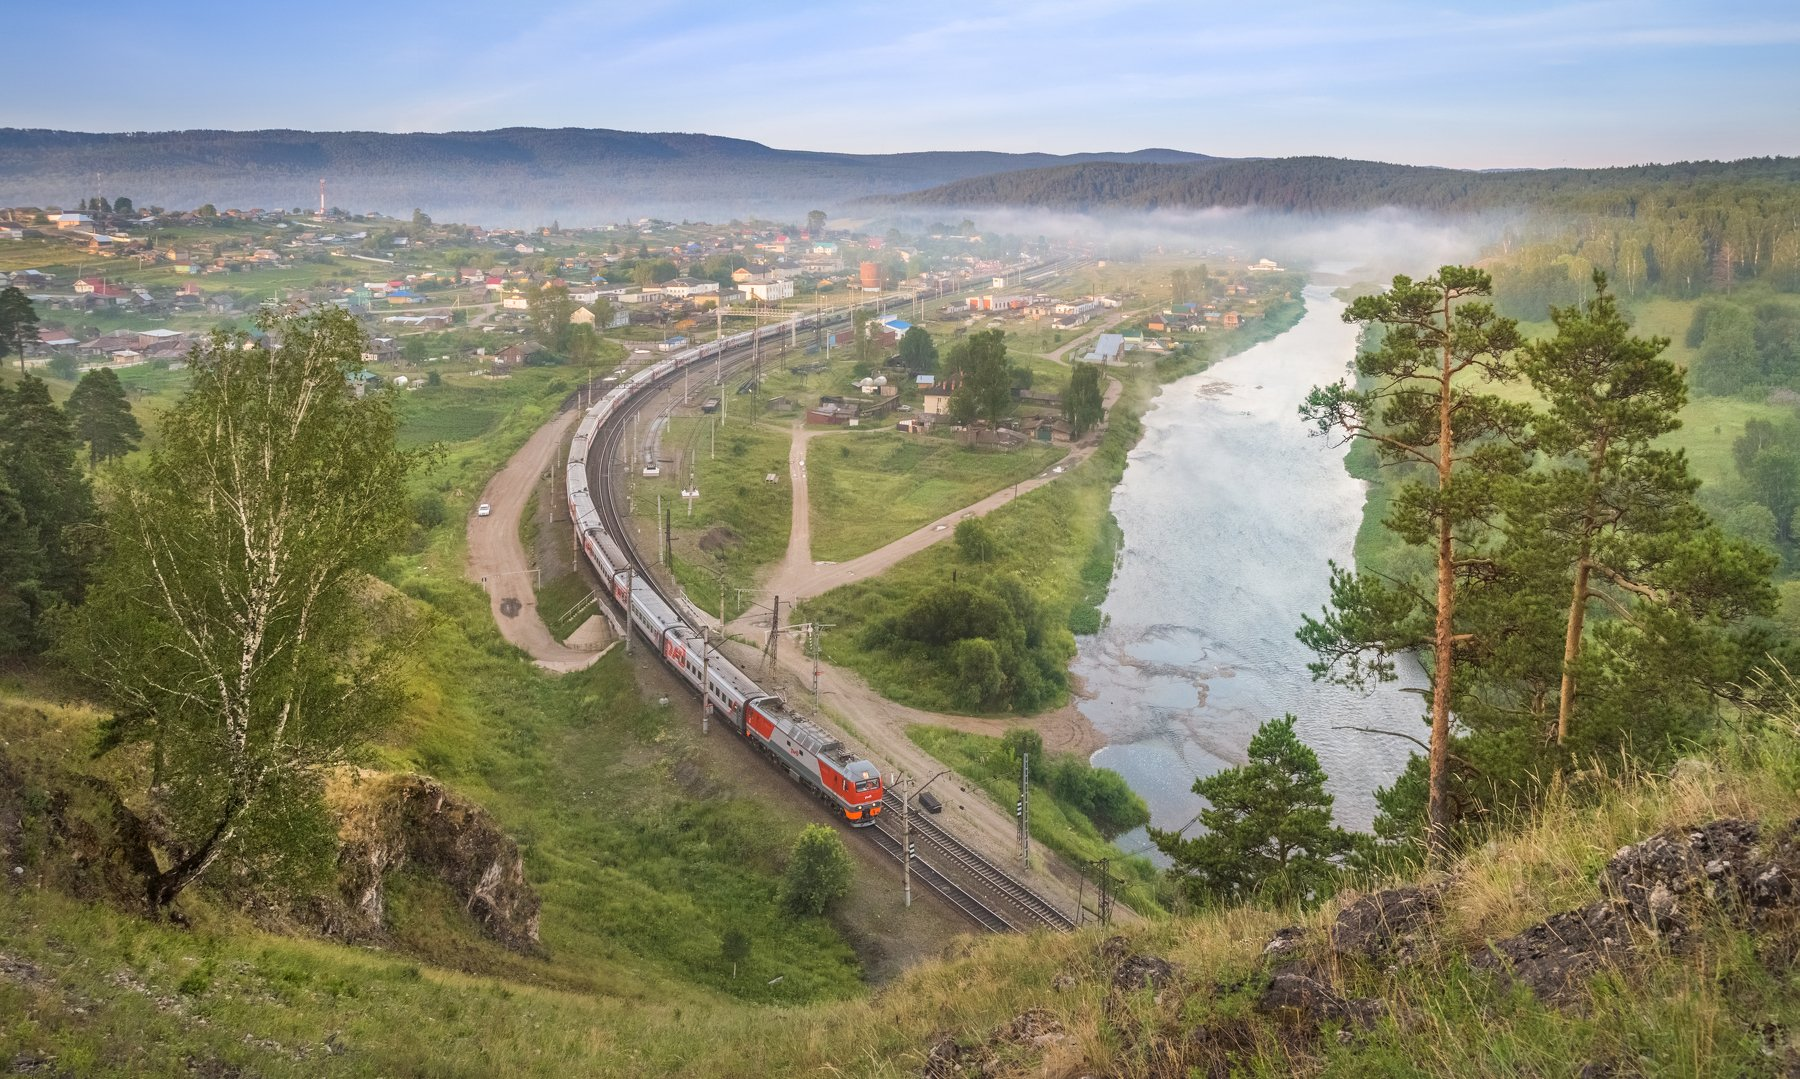 жд, железная дорога, поезд, россия,  пейзаж, skrylov, skrylov_official,  вязовая, утро рассвет, neман, лето, река, горы, лес, пассажирский поезд. эп2к, челябинская область, юрюзань, Сергей Крылов